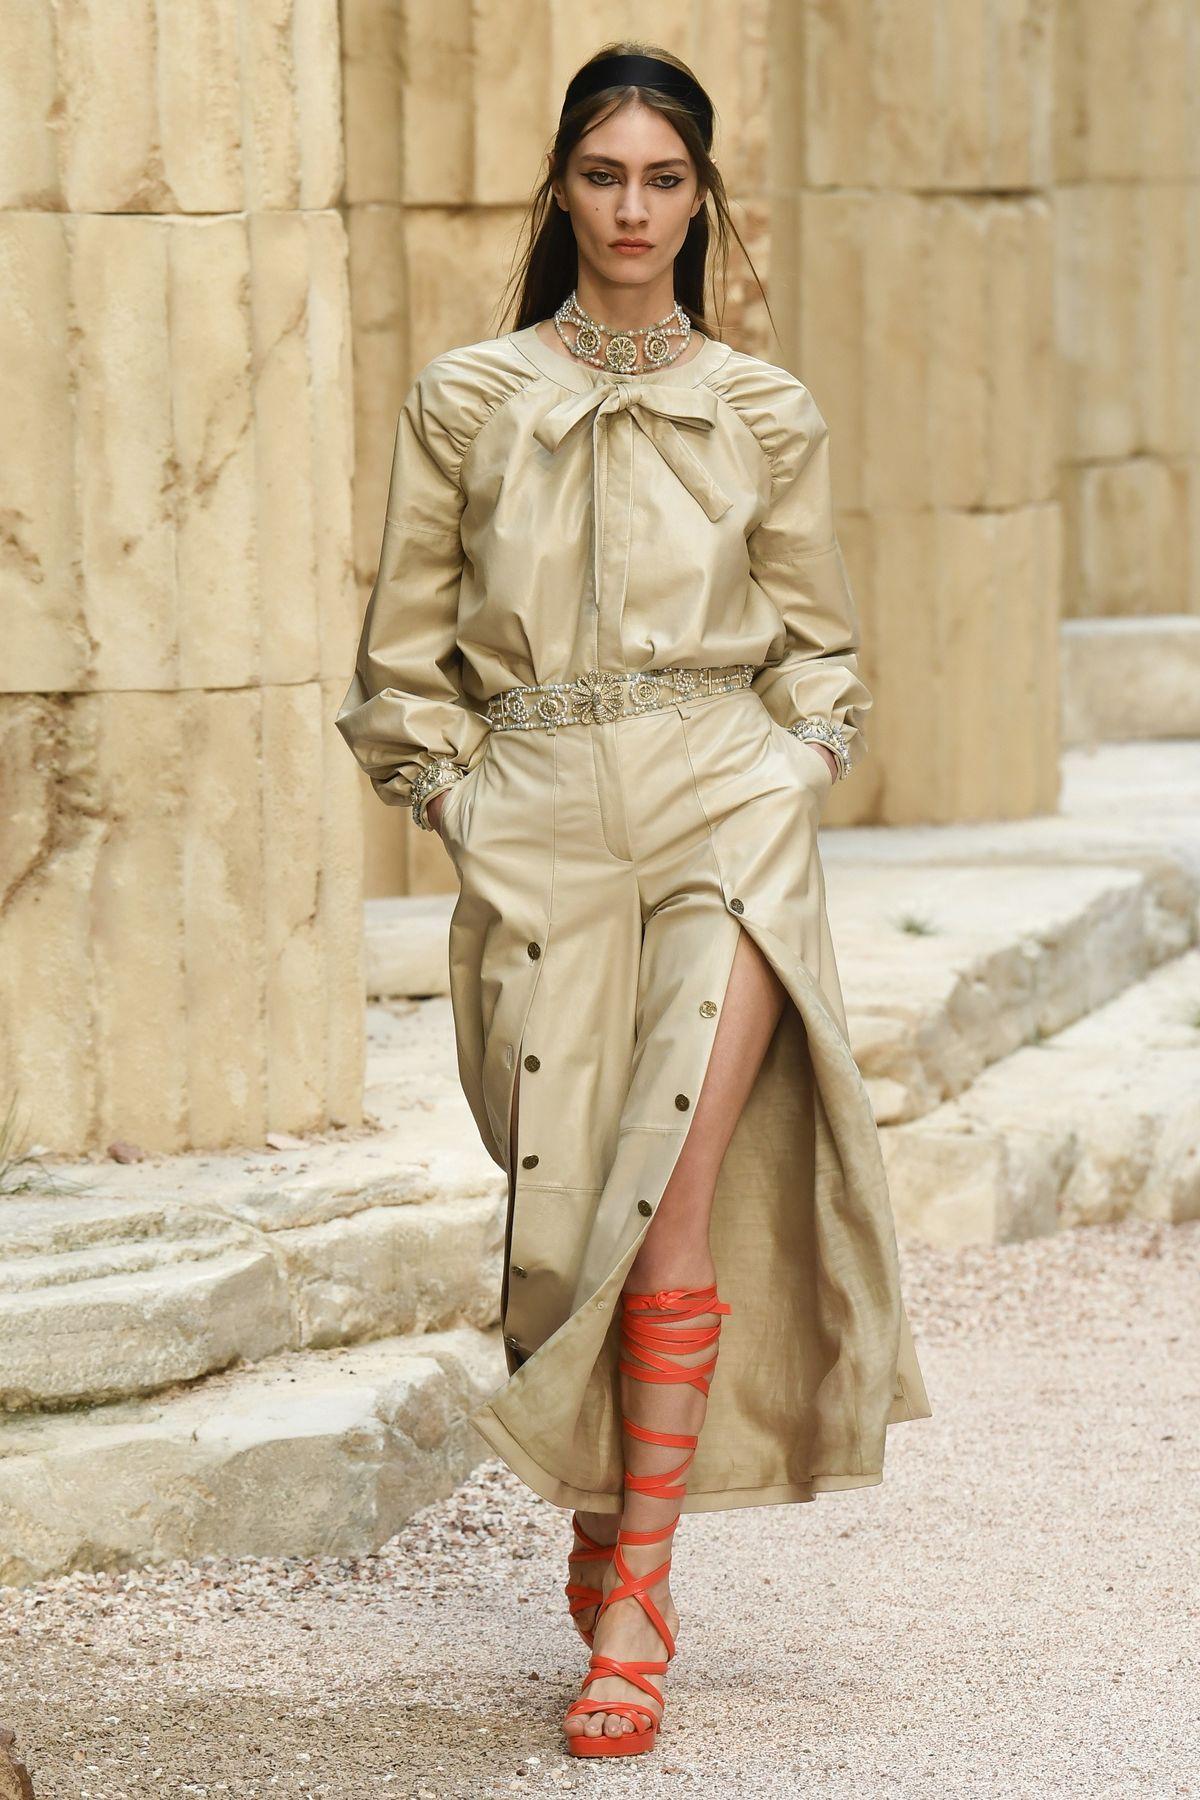 Chanel resort fashion show marine deleeuw elite besuche